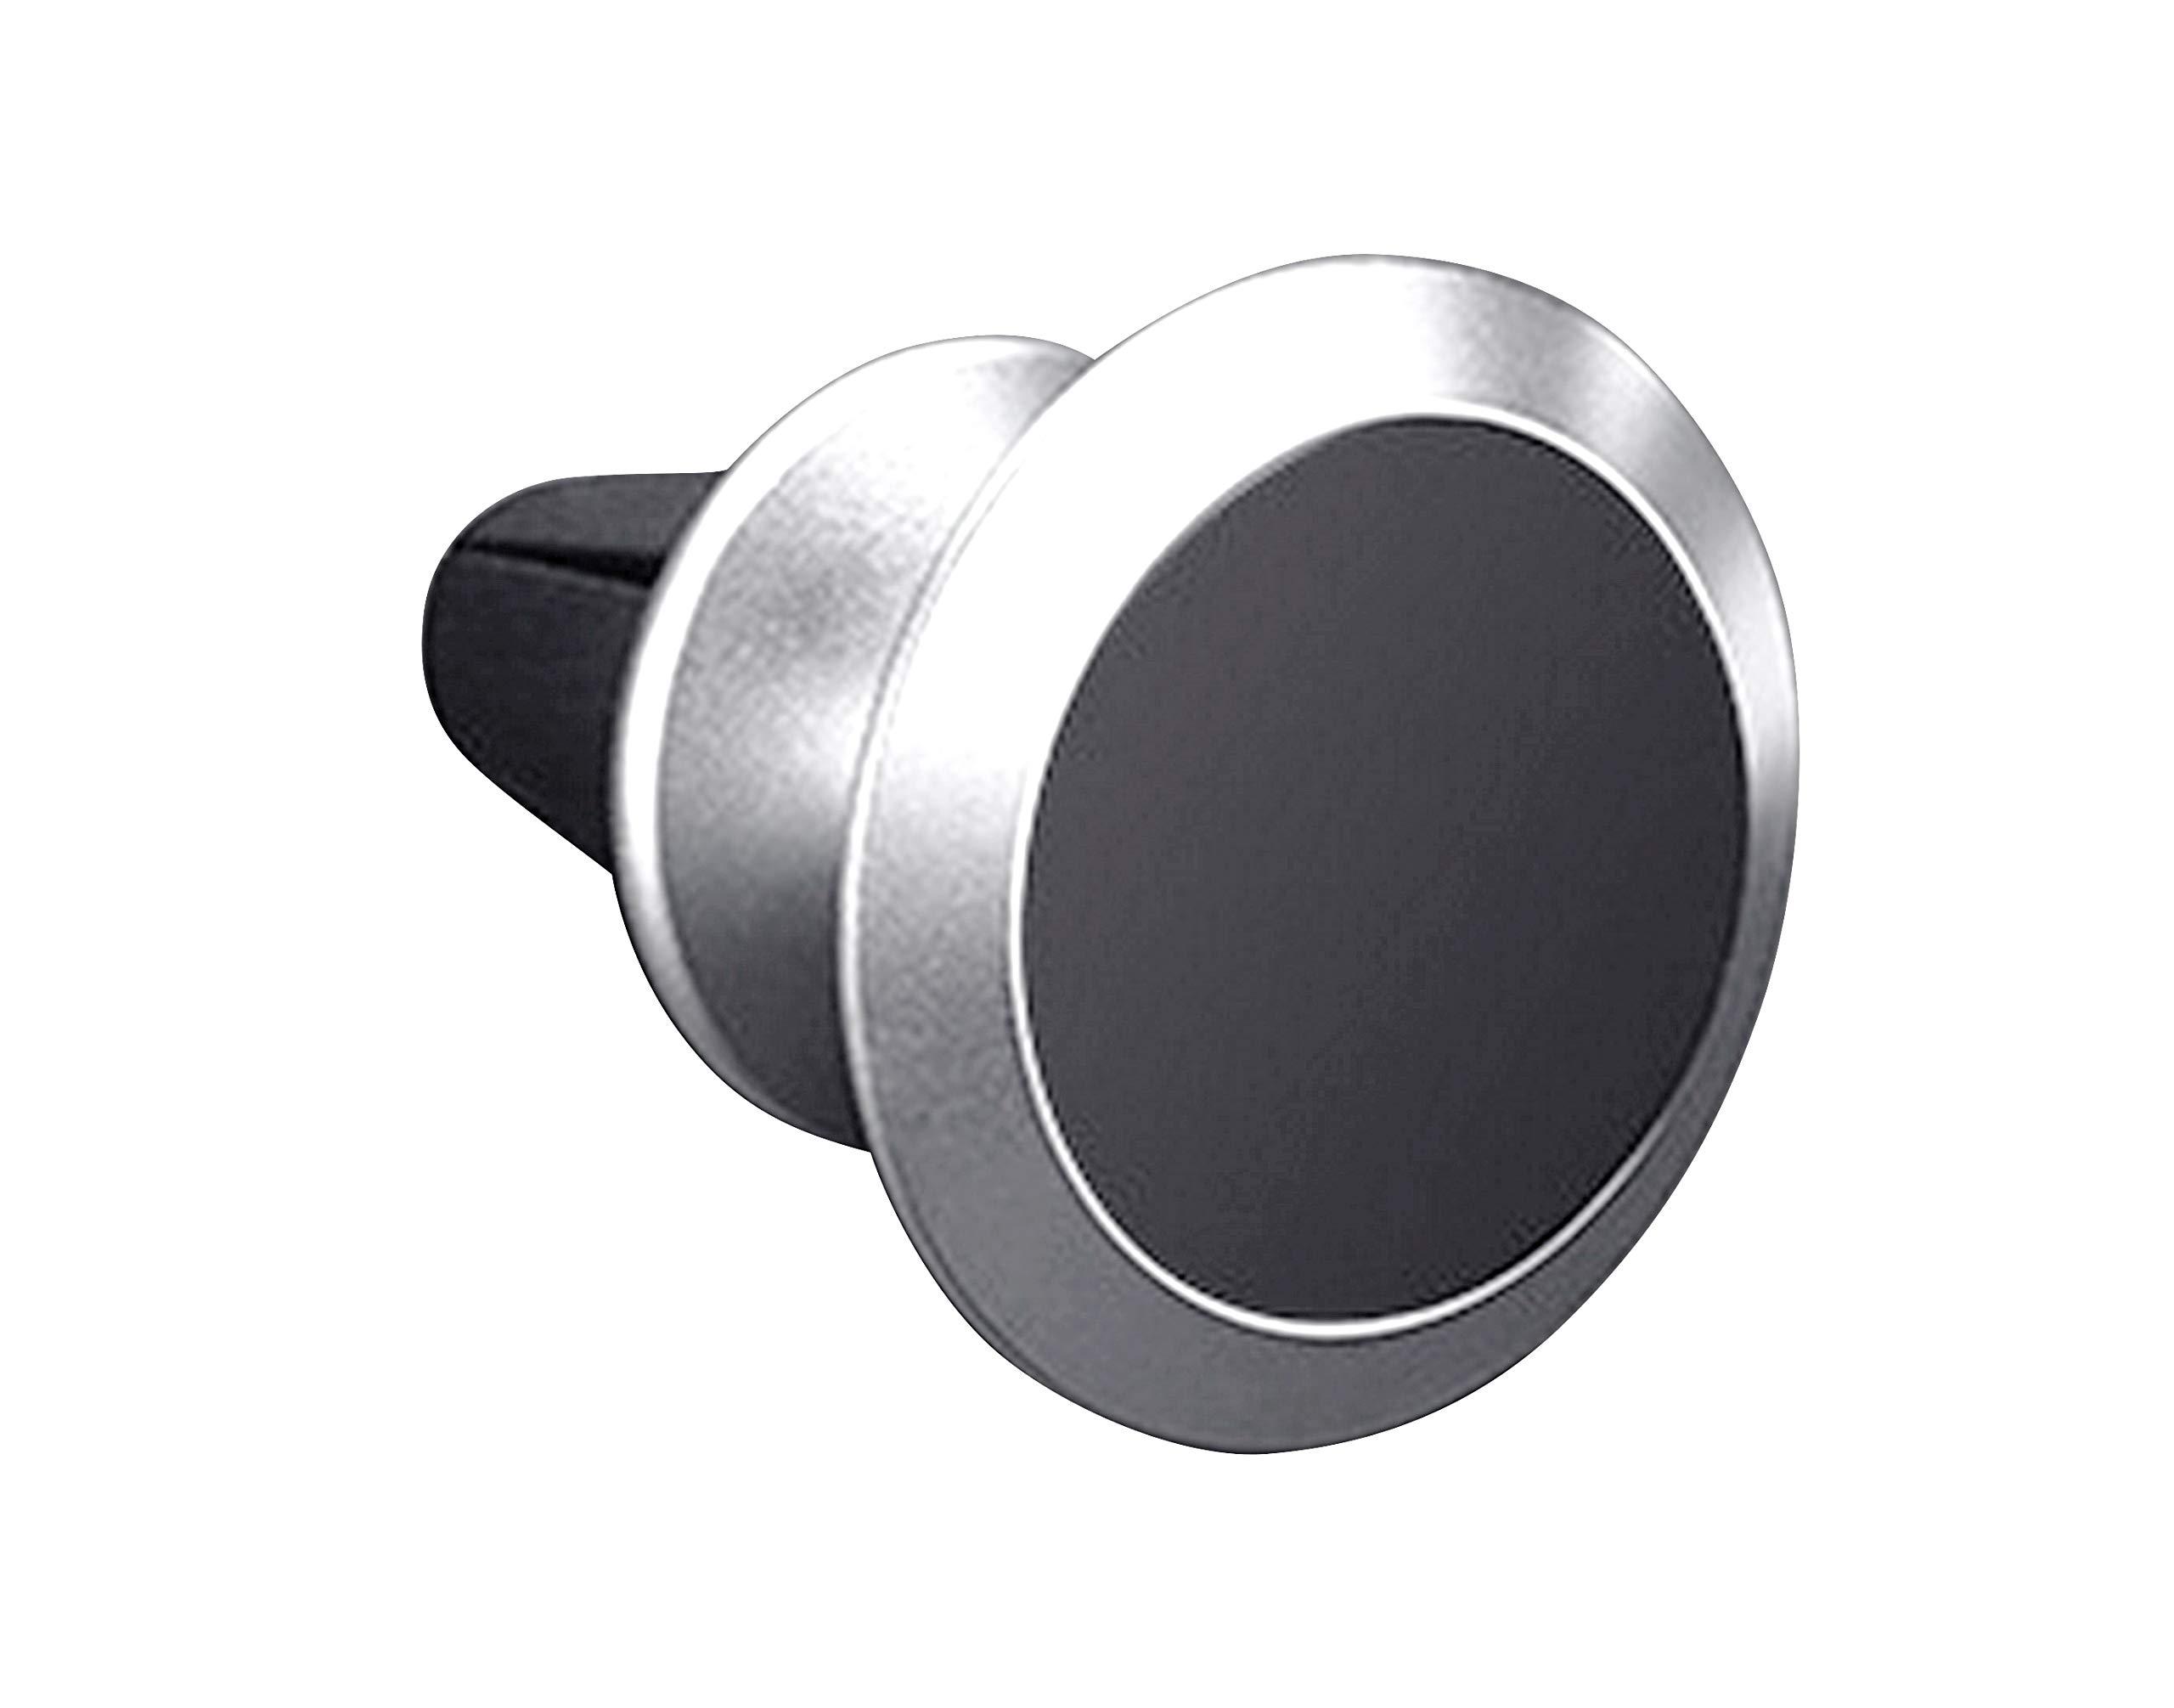 Soporte Celular para Vent. de Autos Magnetico - 7PJDVCG1